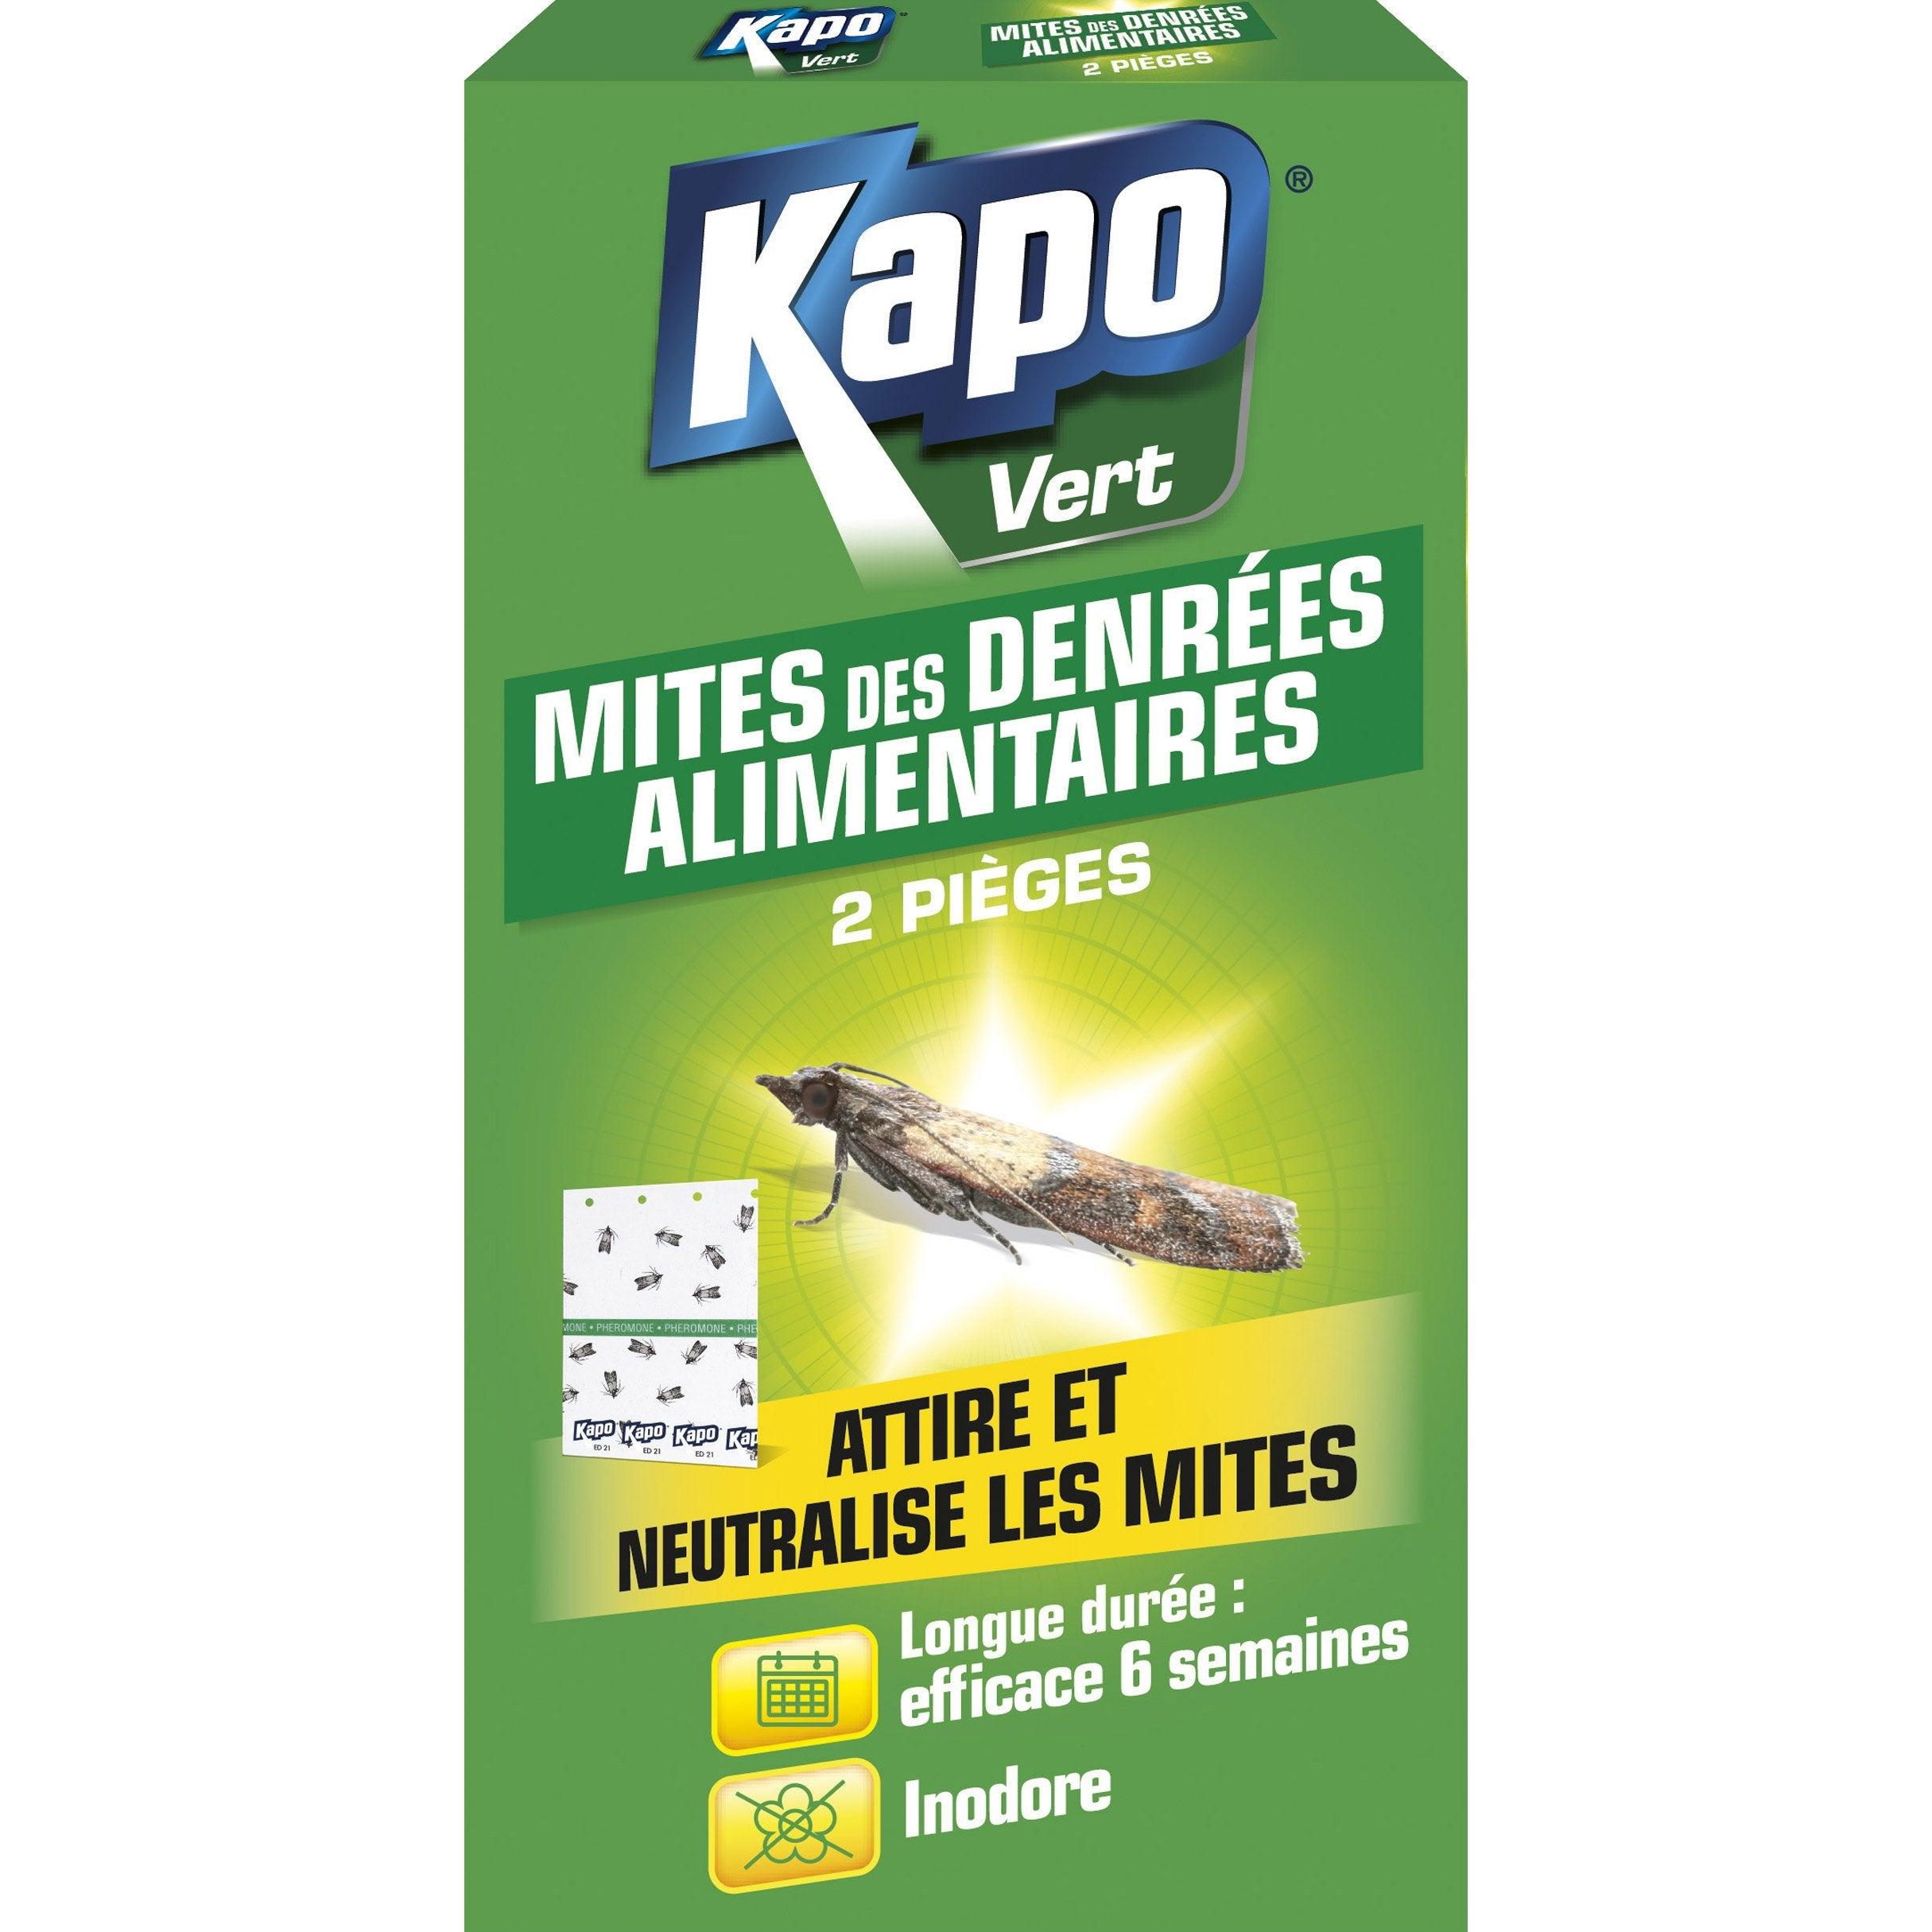 Lot De 2 Pieges Lot De 2 Pieges Insecticides Pour Mites Alimentaires Kapo Kapo Vert Mites Alimentaire Insecticide Alimentaire